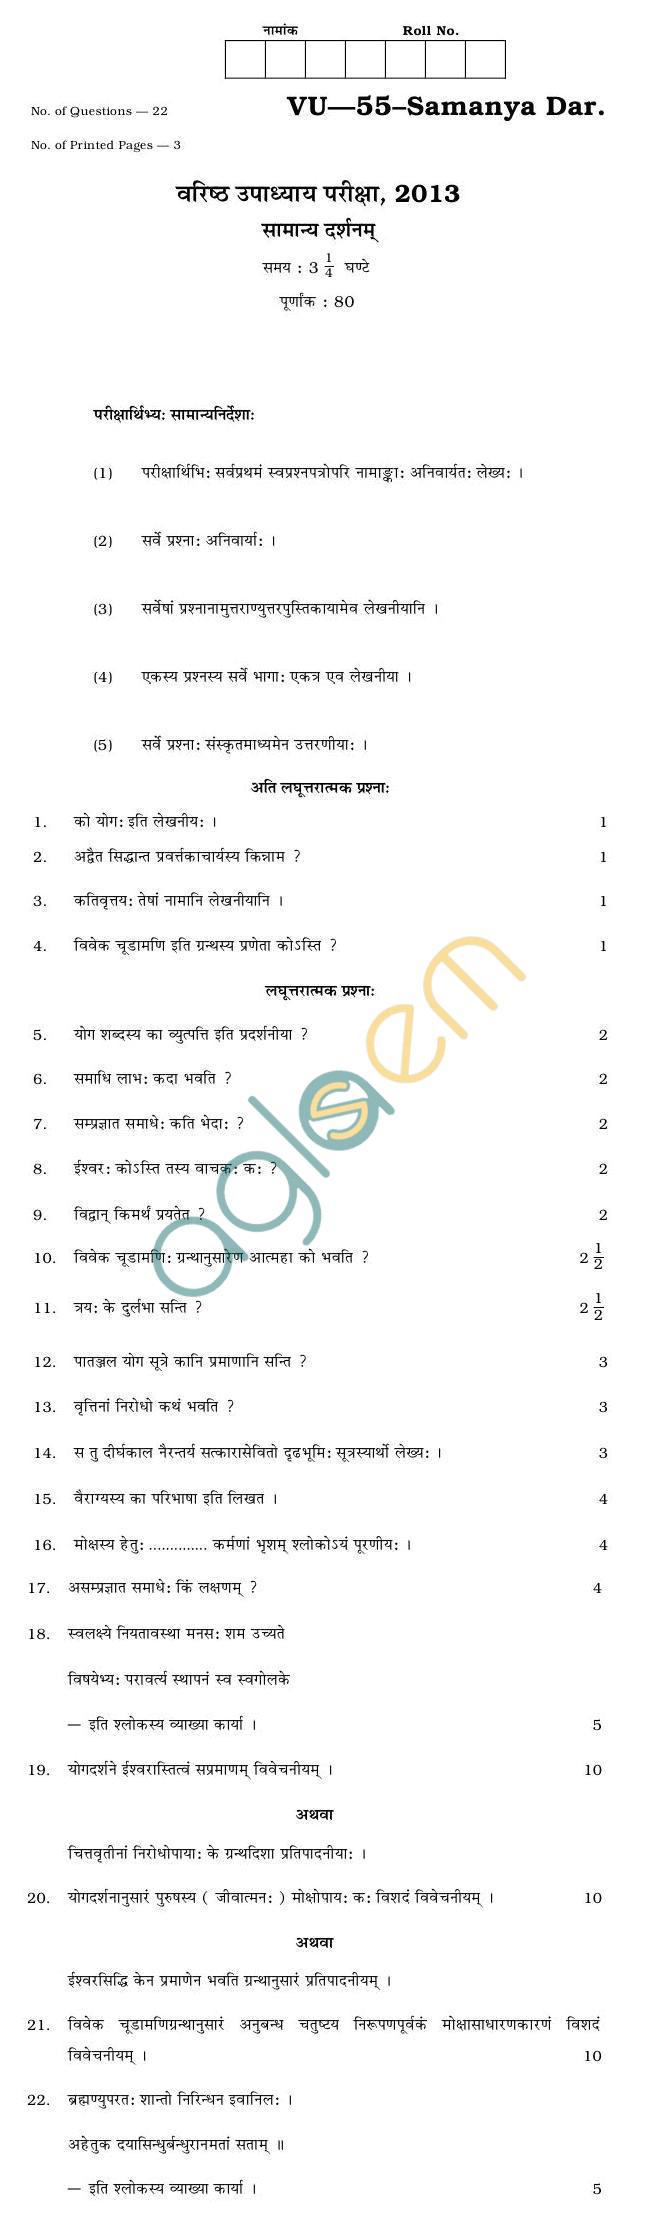 Rajasthan Board V Upadhyay Samanya Darshan Question Paper 2013